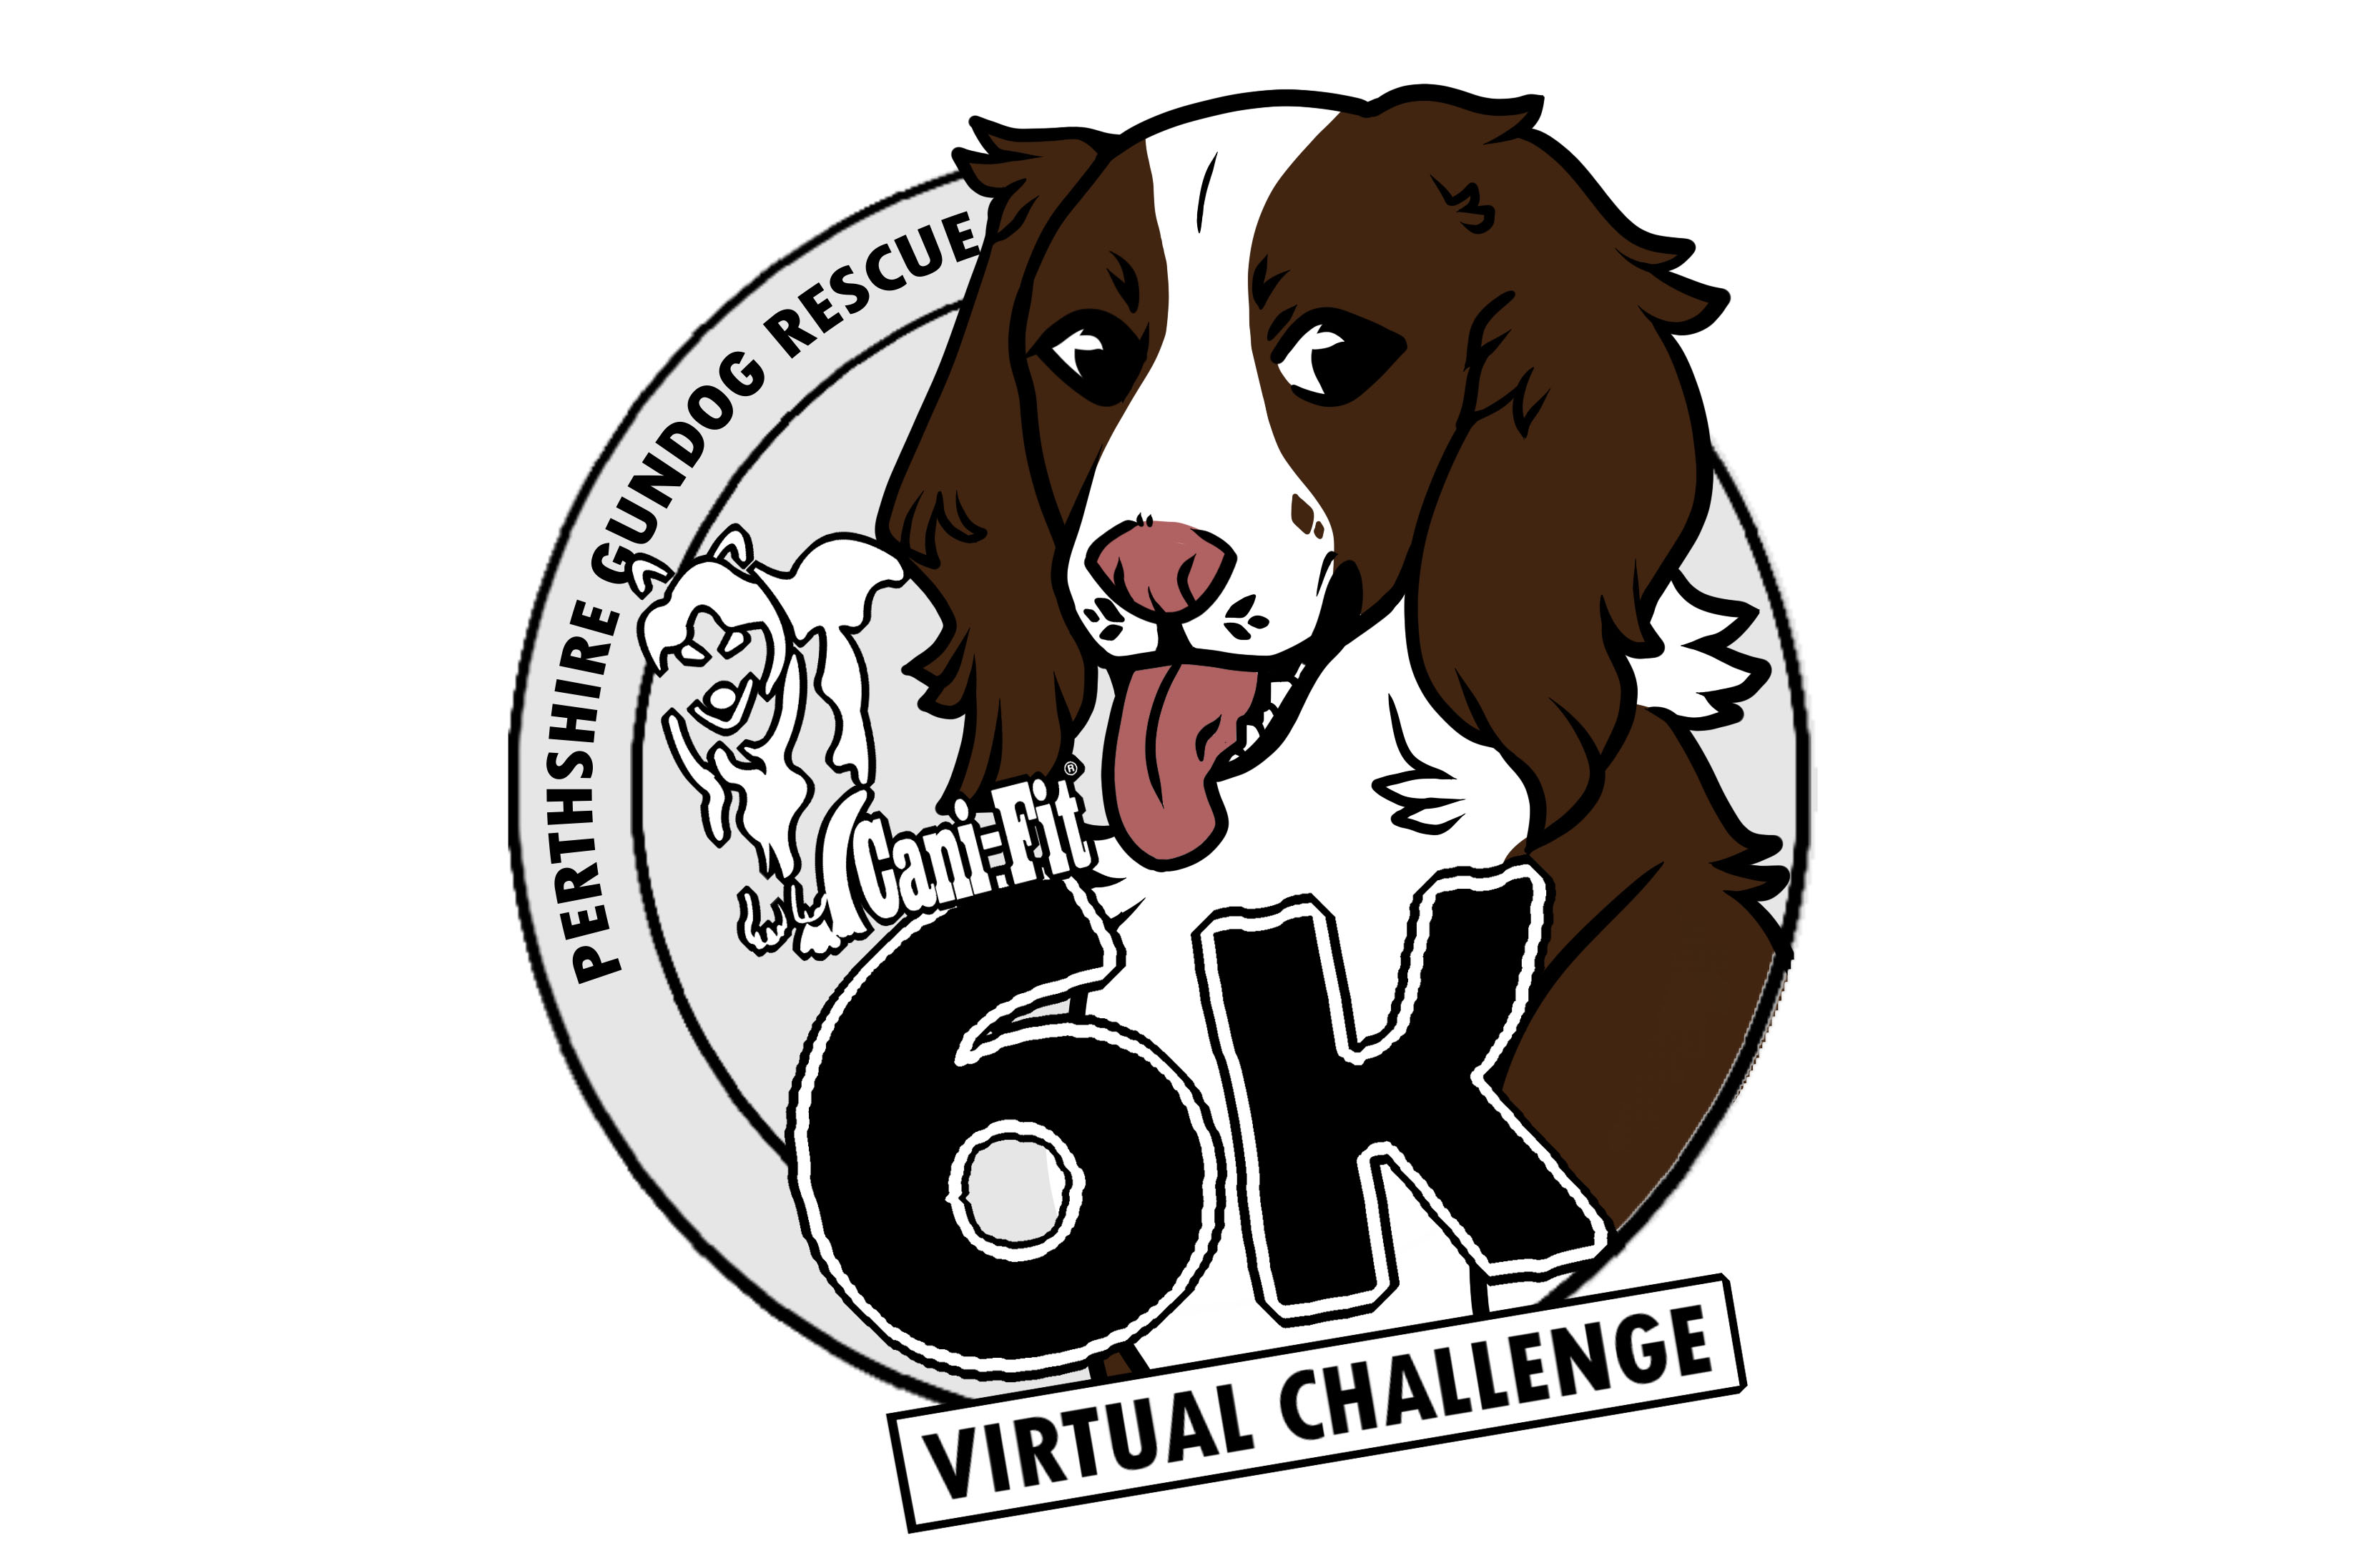 Cani-Fit Virtual Challenge - Perthshire Gundog Rescue SCIO 6K